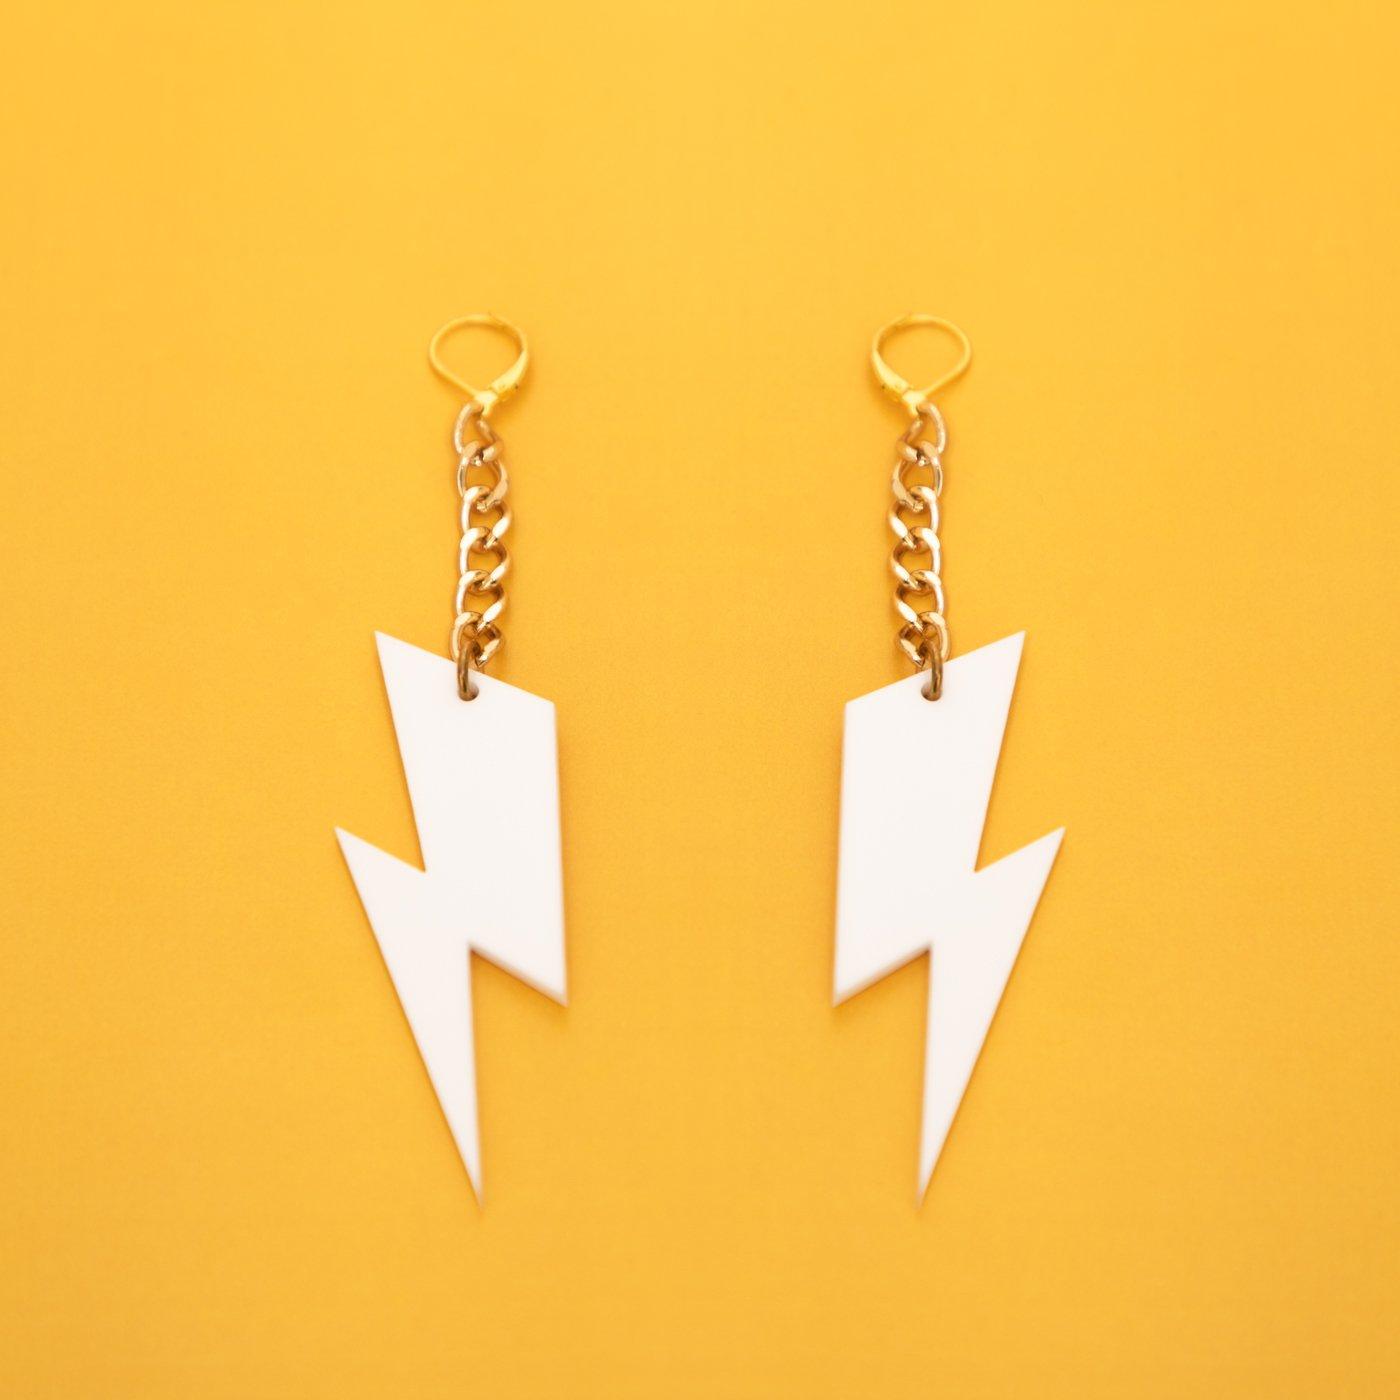 MindFlowers_Ziggy_White_Gold_Chain_Earrings_1024x1024@2x.jpg